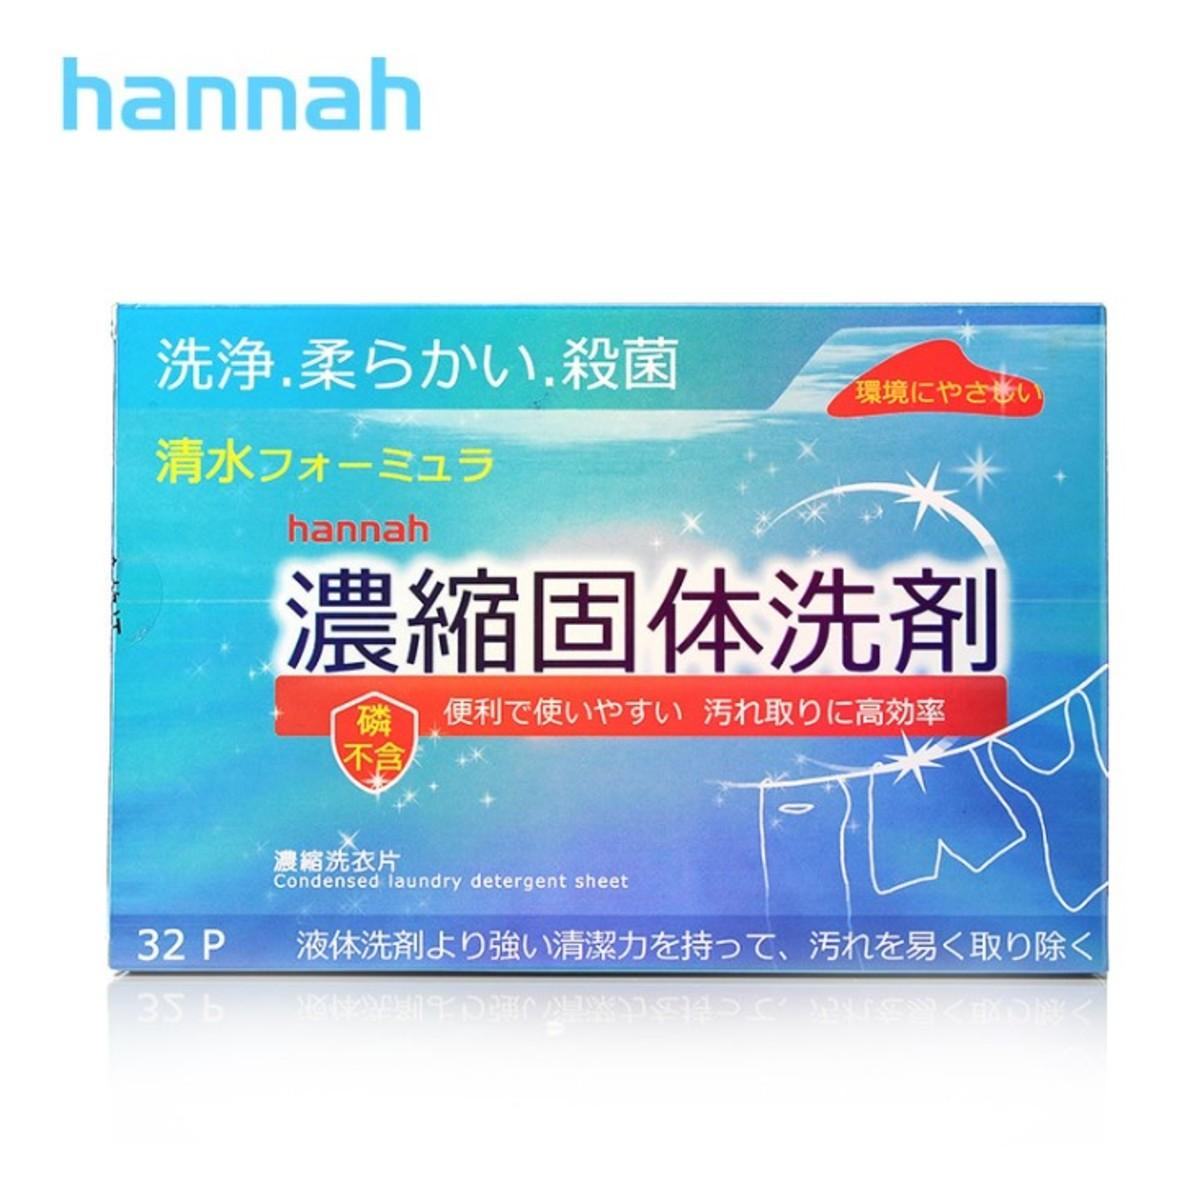 日本正品納米超濃縮洗衣片 32pcs